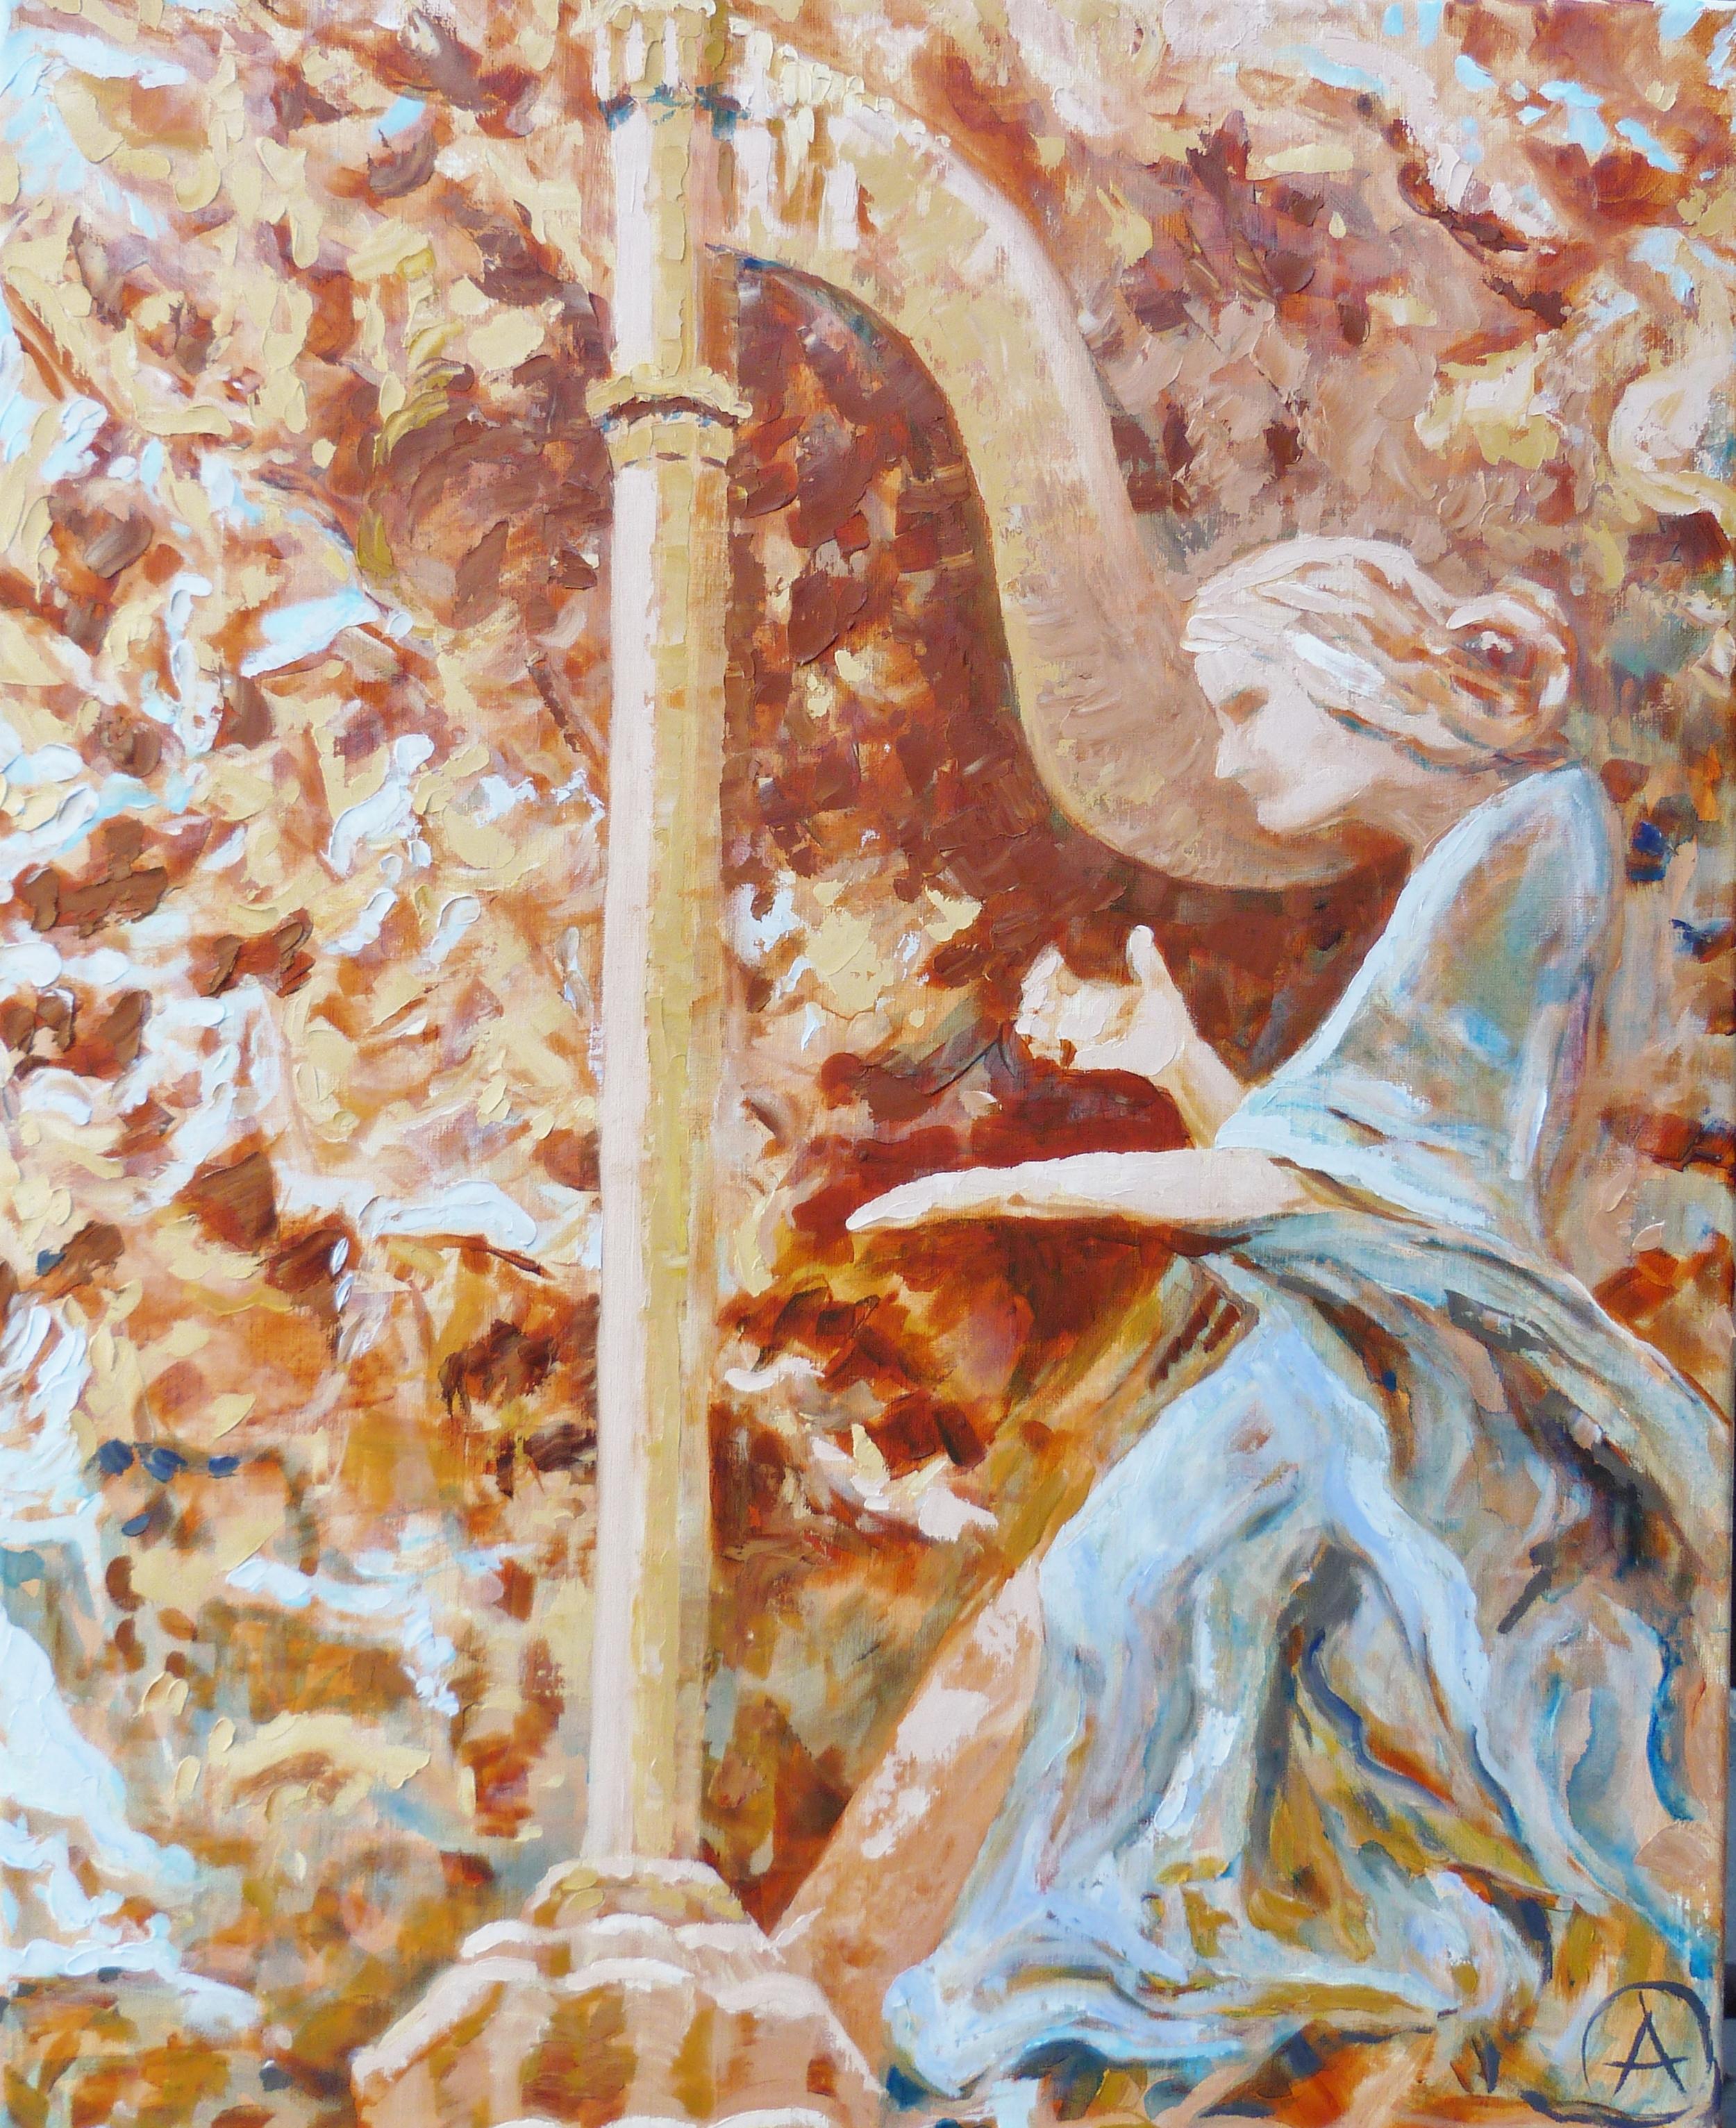 """SOLD, The Harpist, Copyright 2013 Hirschten, Oil on Canvas, 16"""" x 20""""  ,"""